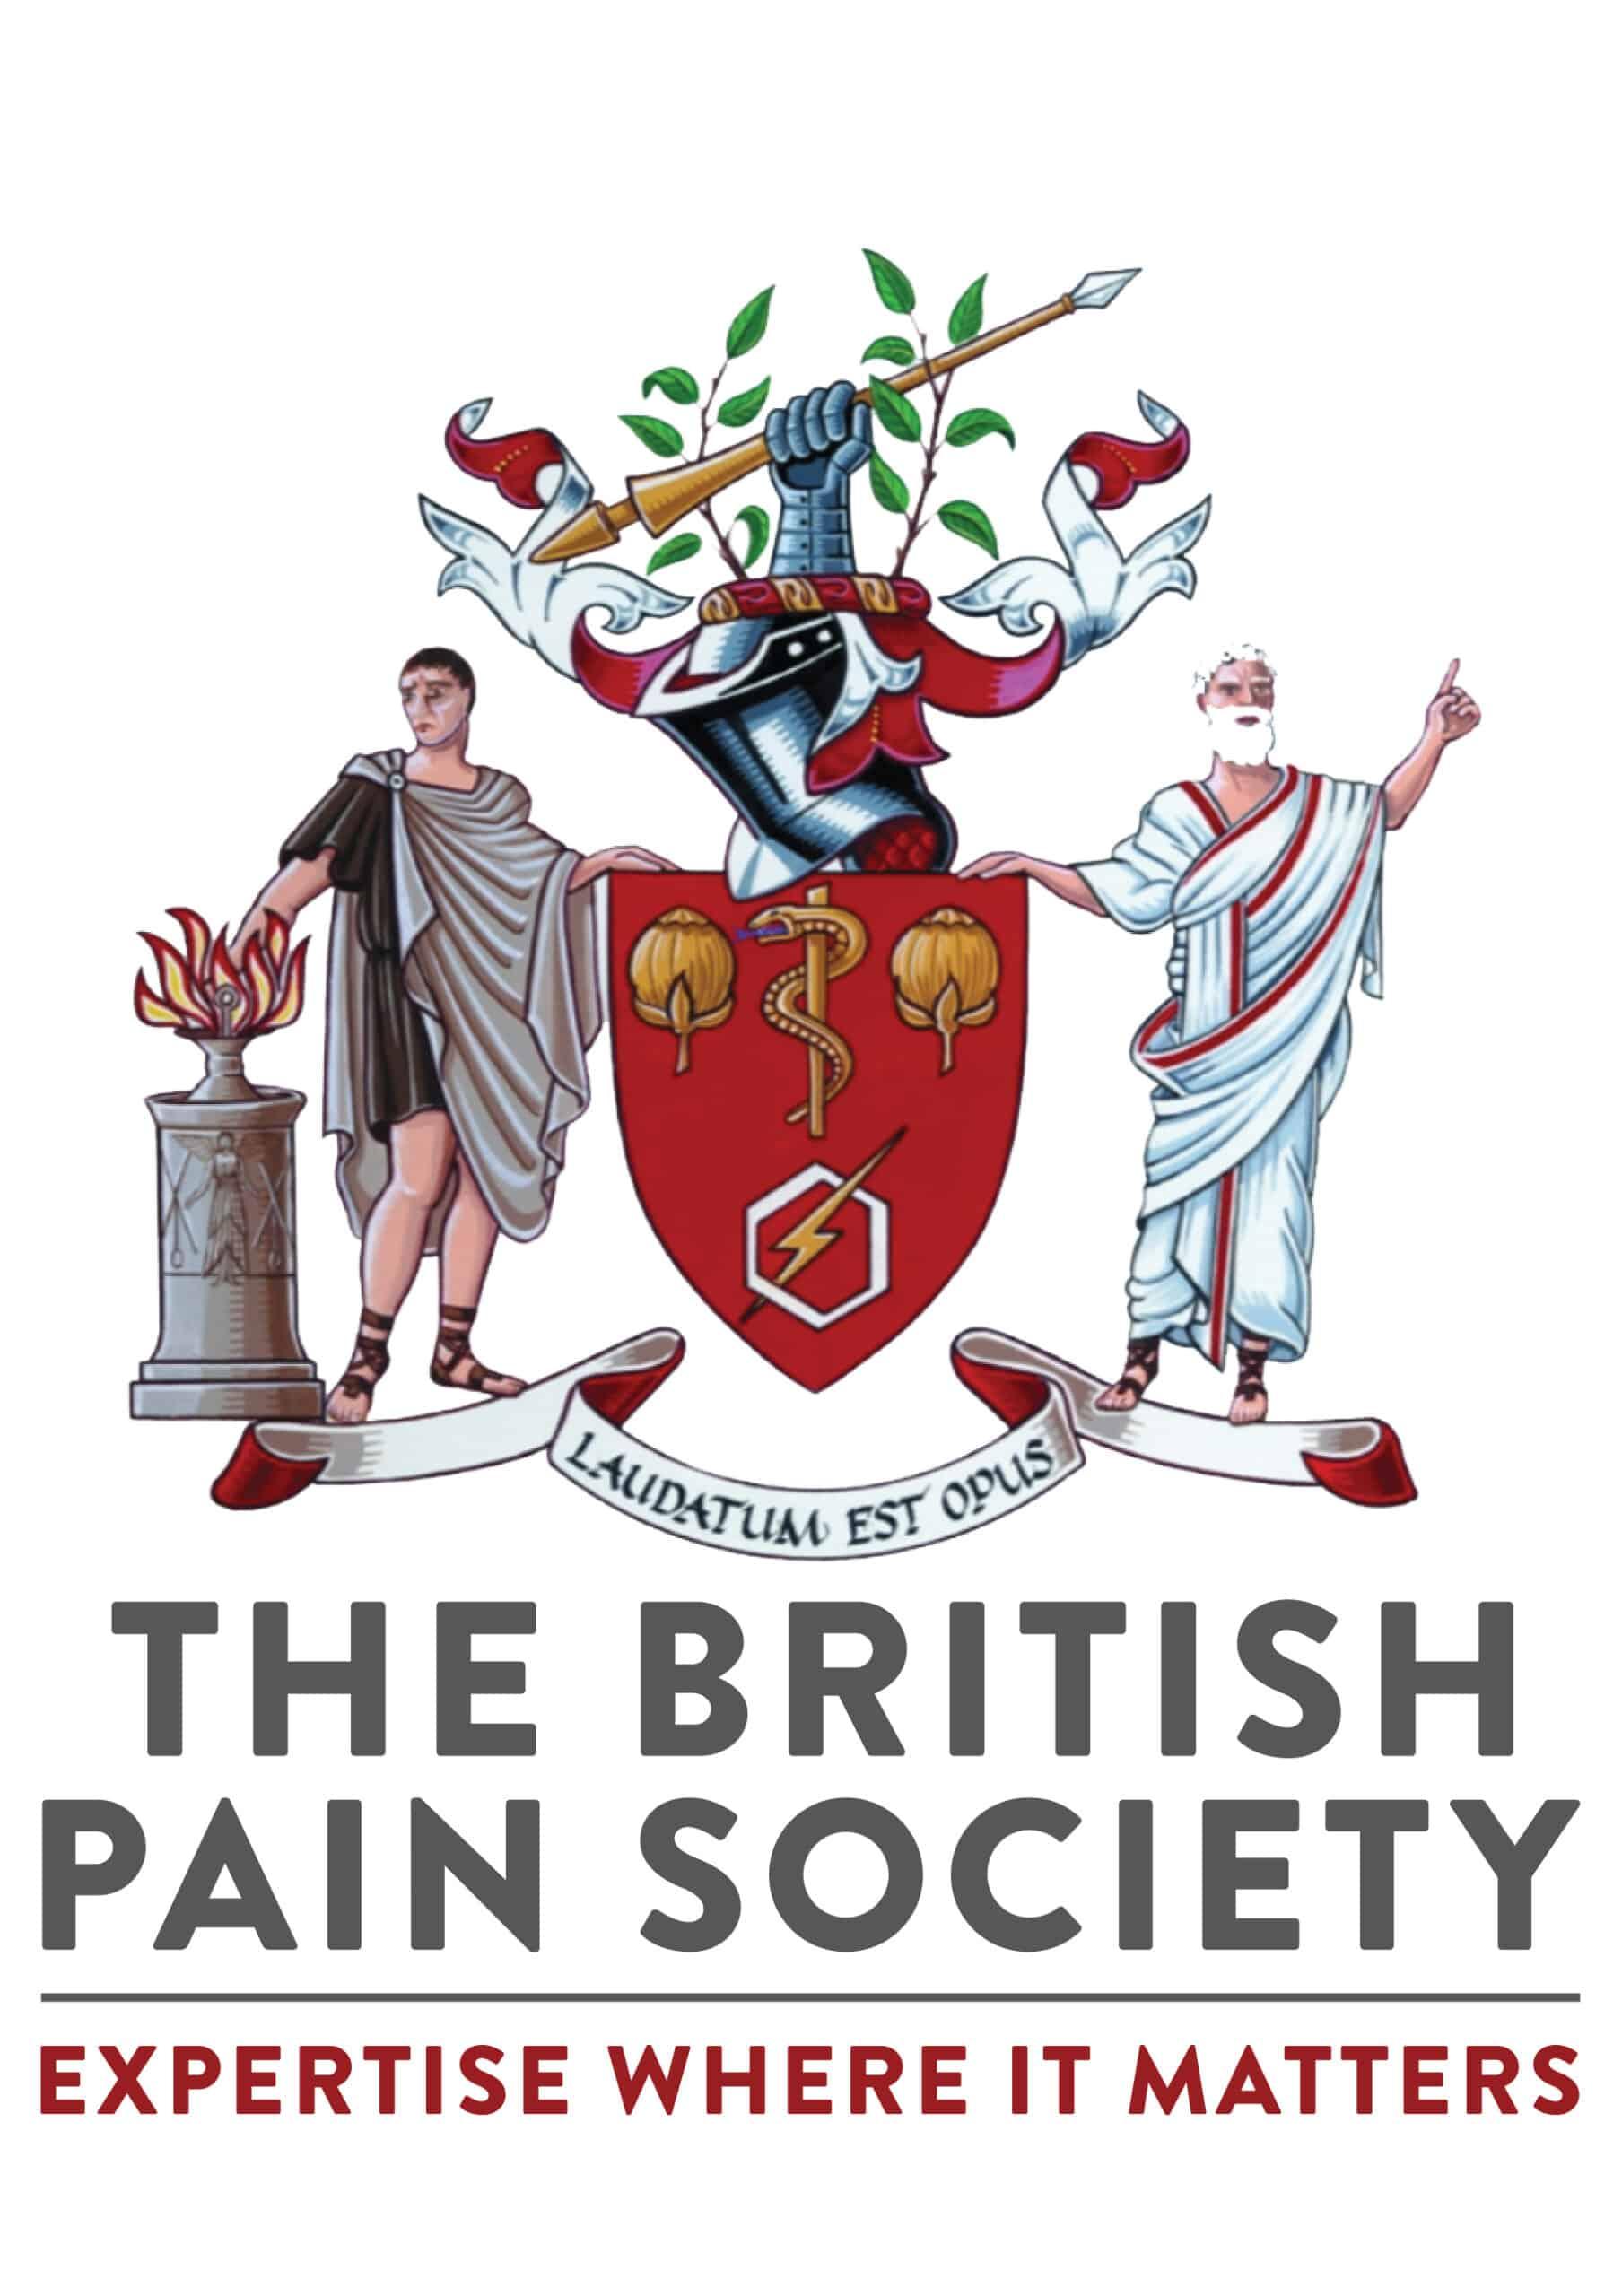 The British Pain Society